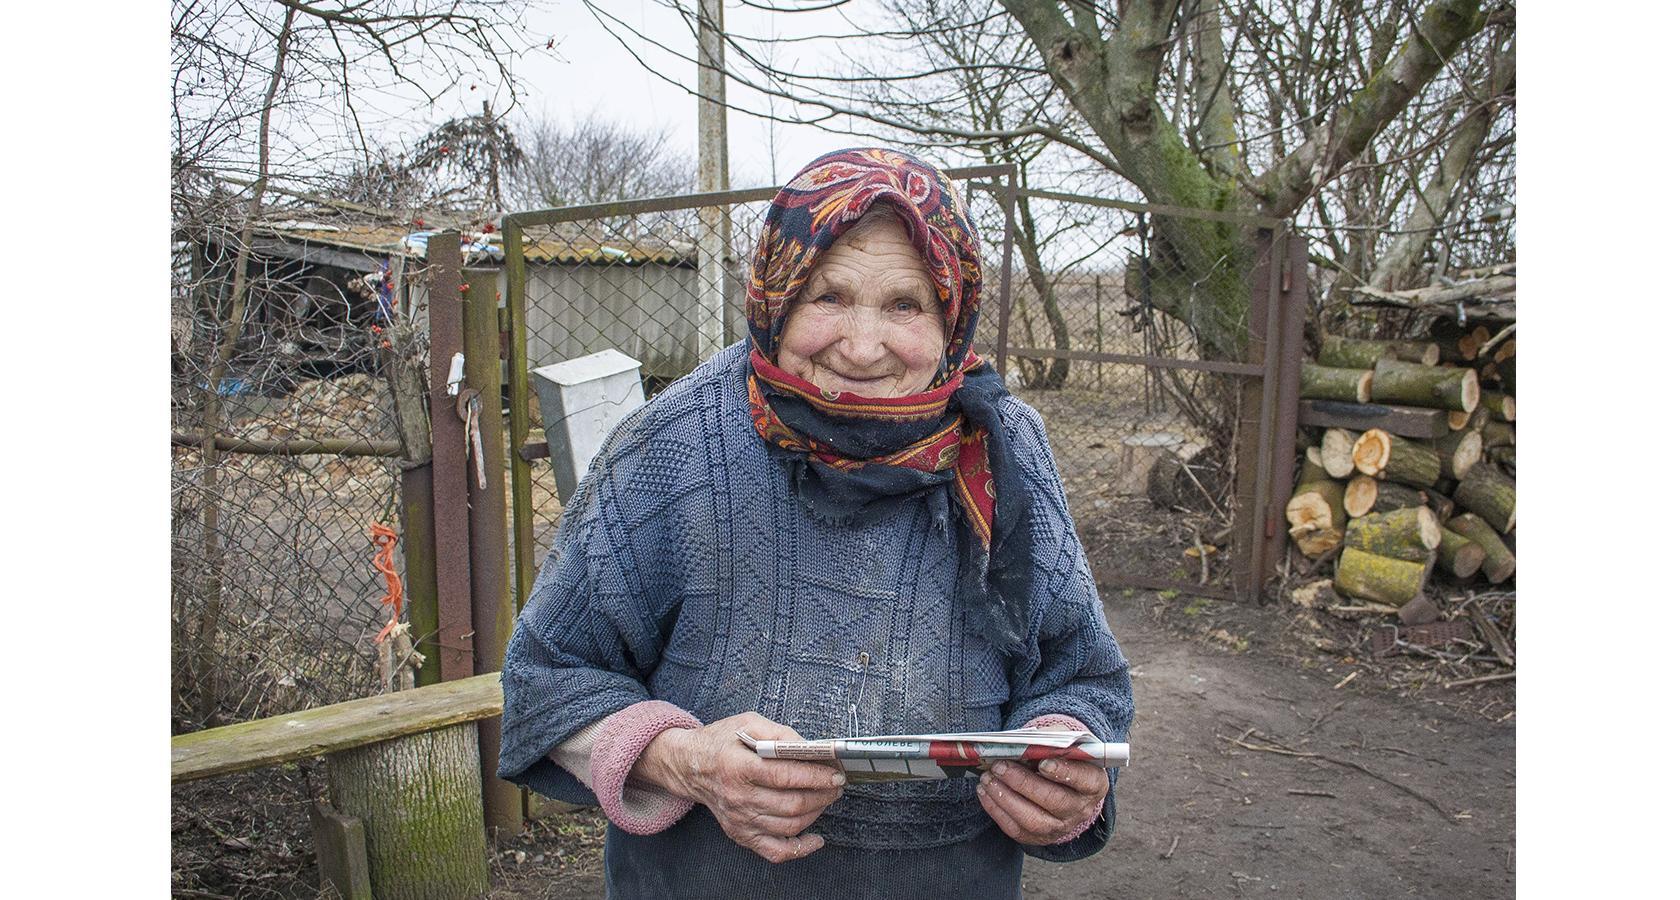 Краса не в одязі, фігурі чи зачісці: сільські жінки у дивовижному фотопроекті